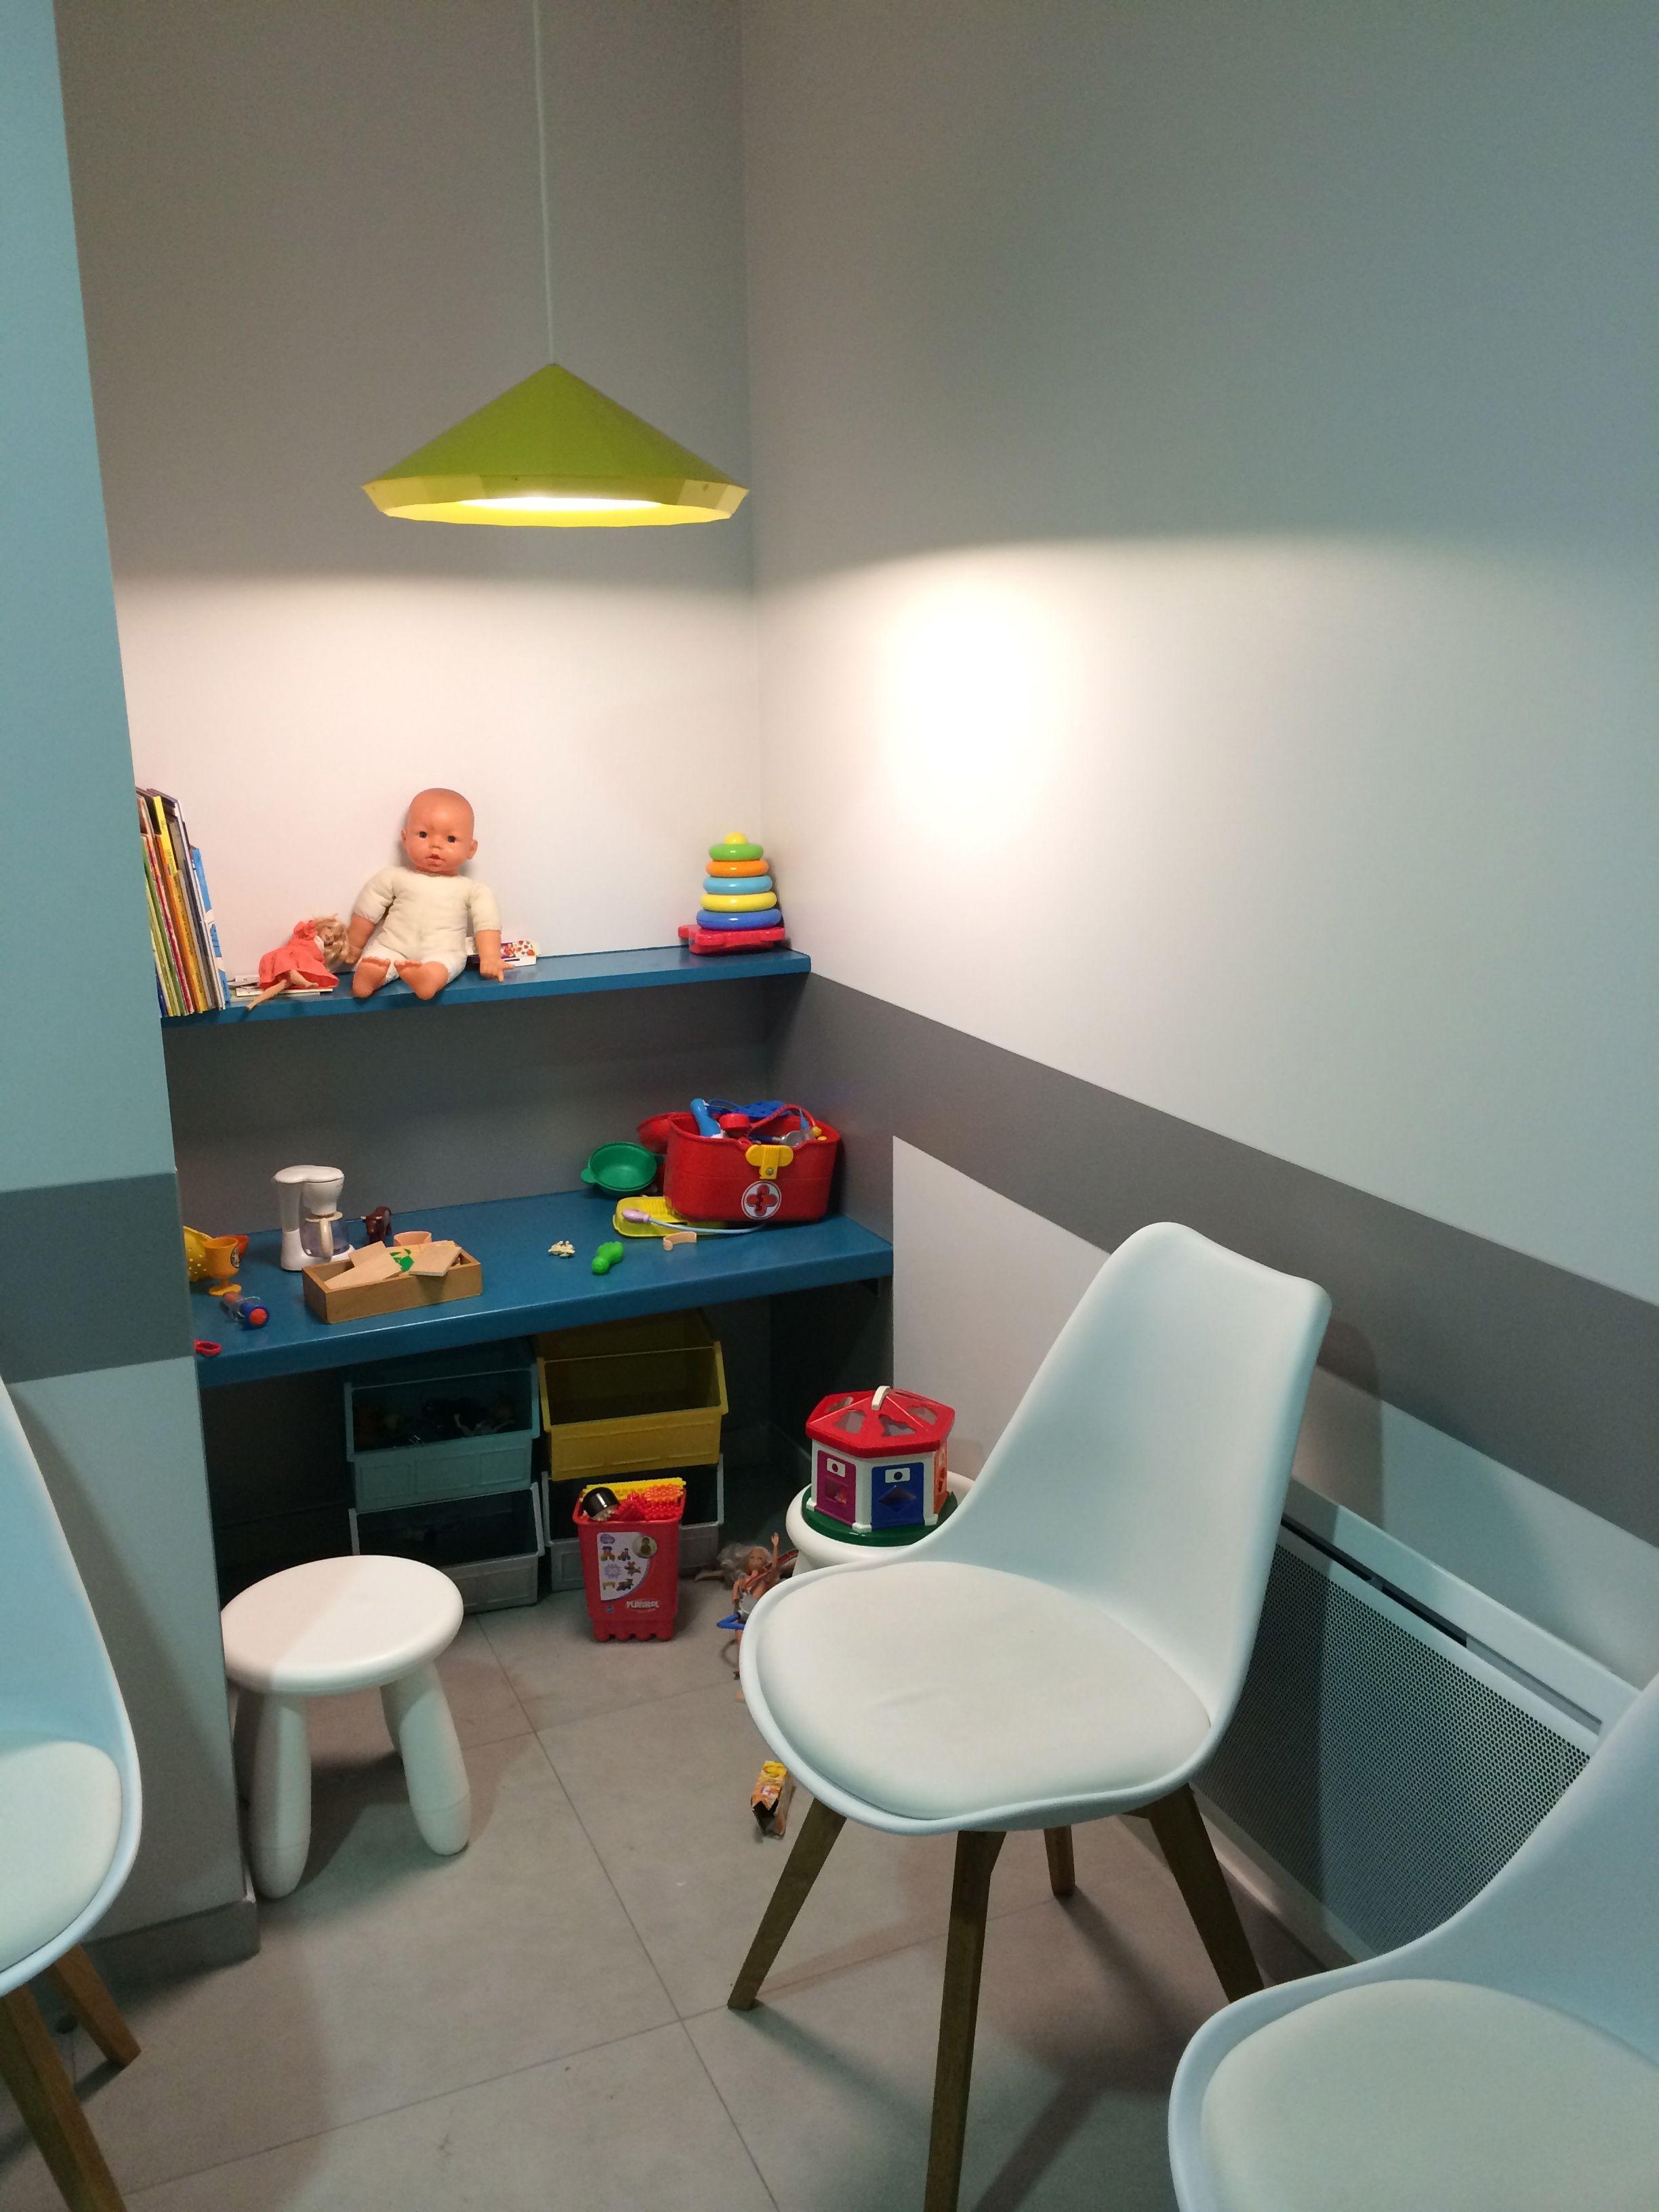 espace enfants cabinet m dical pinterest espace enfants et attente. Black Bedroom Furniture Sets. Home Design Ideas